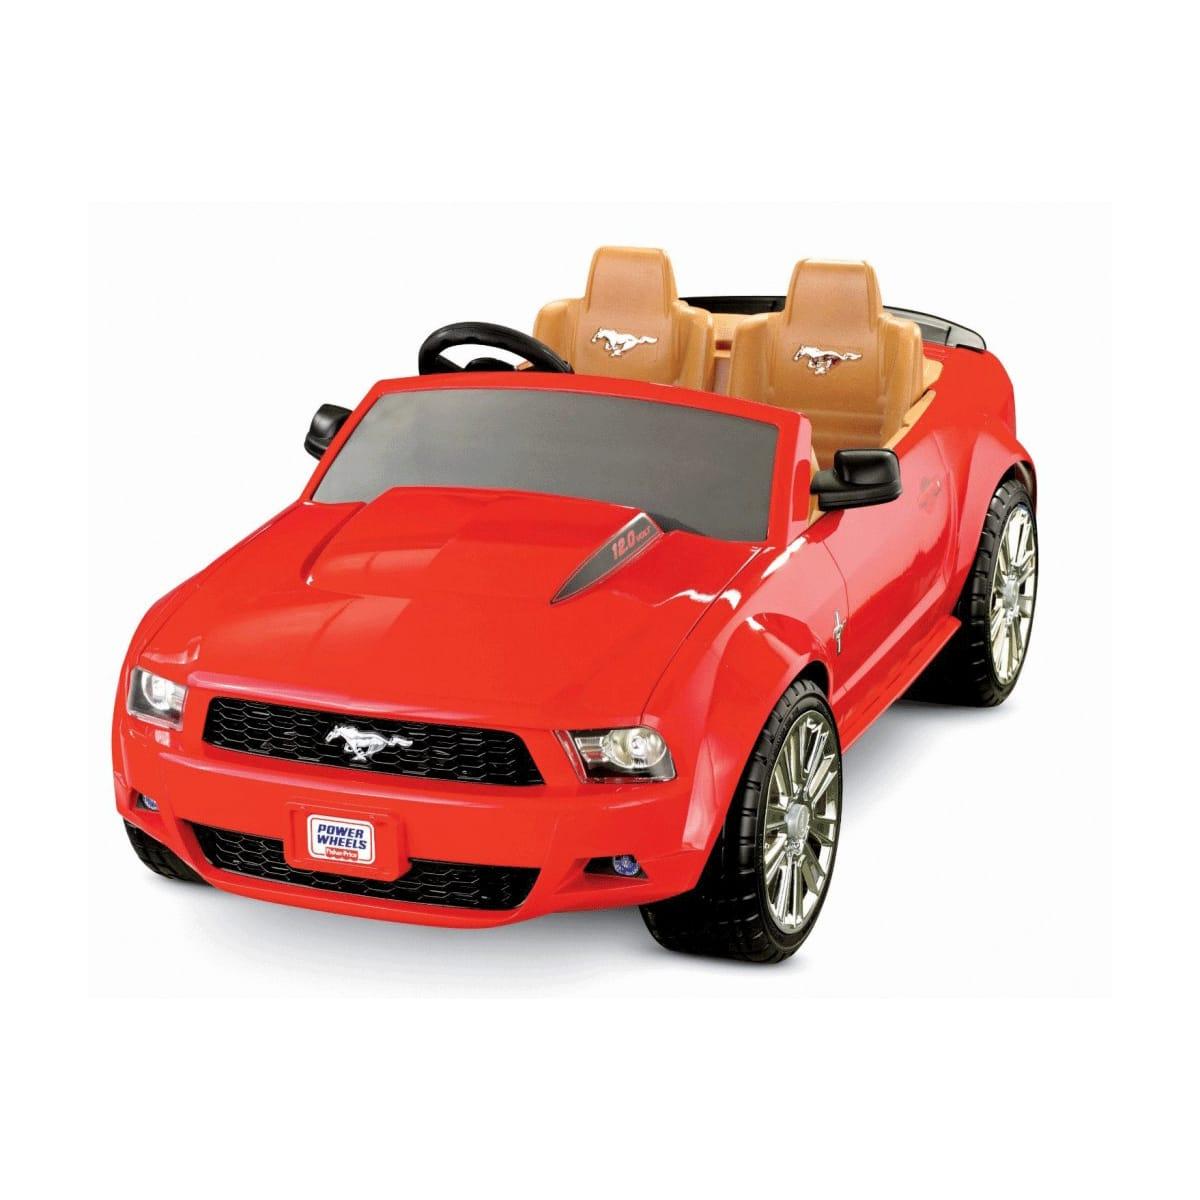 【組立要】 フィッシャープライス パワーホイール レッドフォード マスタング 電動自動車 12Vバッテリー付 電気自動車 Kid MoFisher-Price Power Wheels Red Ford Mustang 12-Volt Battery-Powered Ride-On